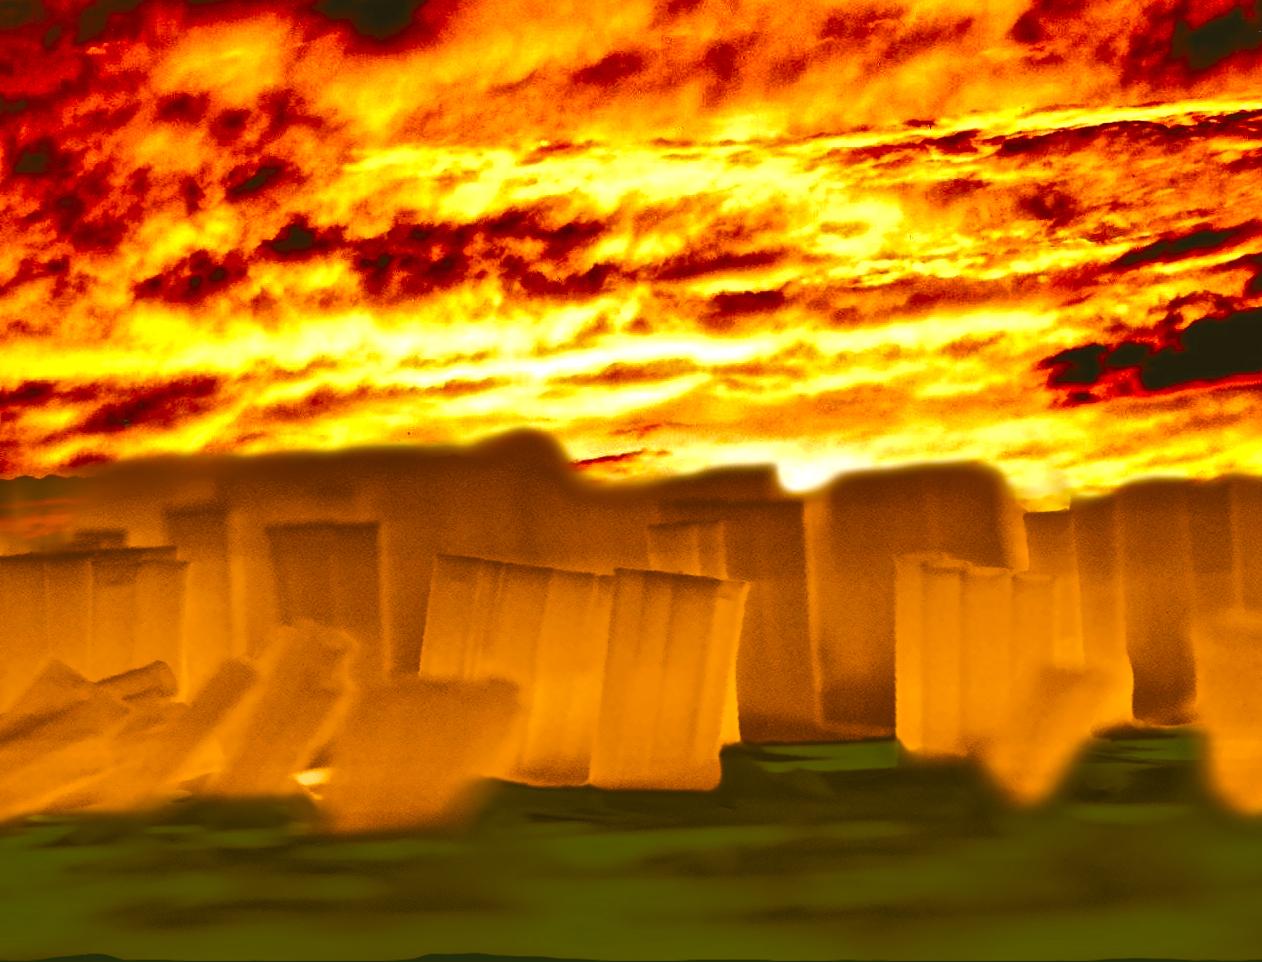 3. Ancient ruins